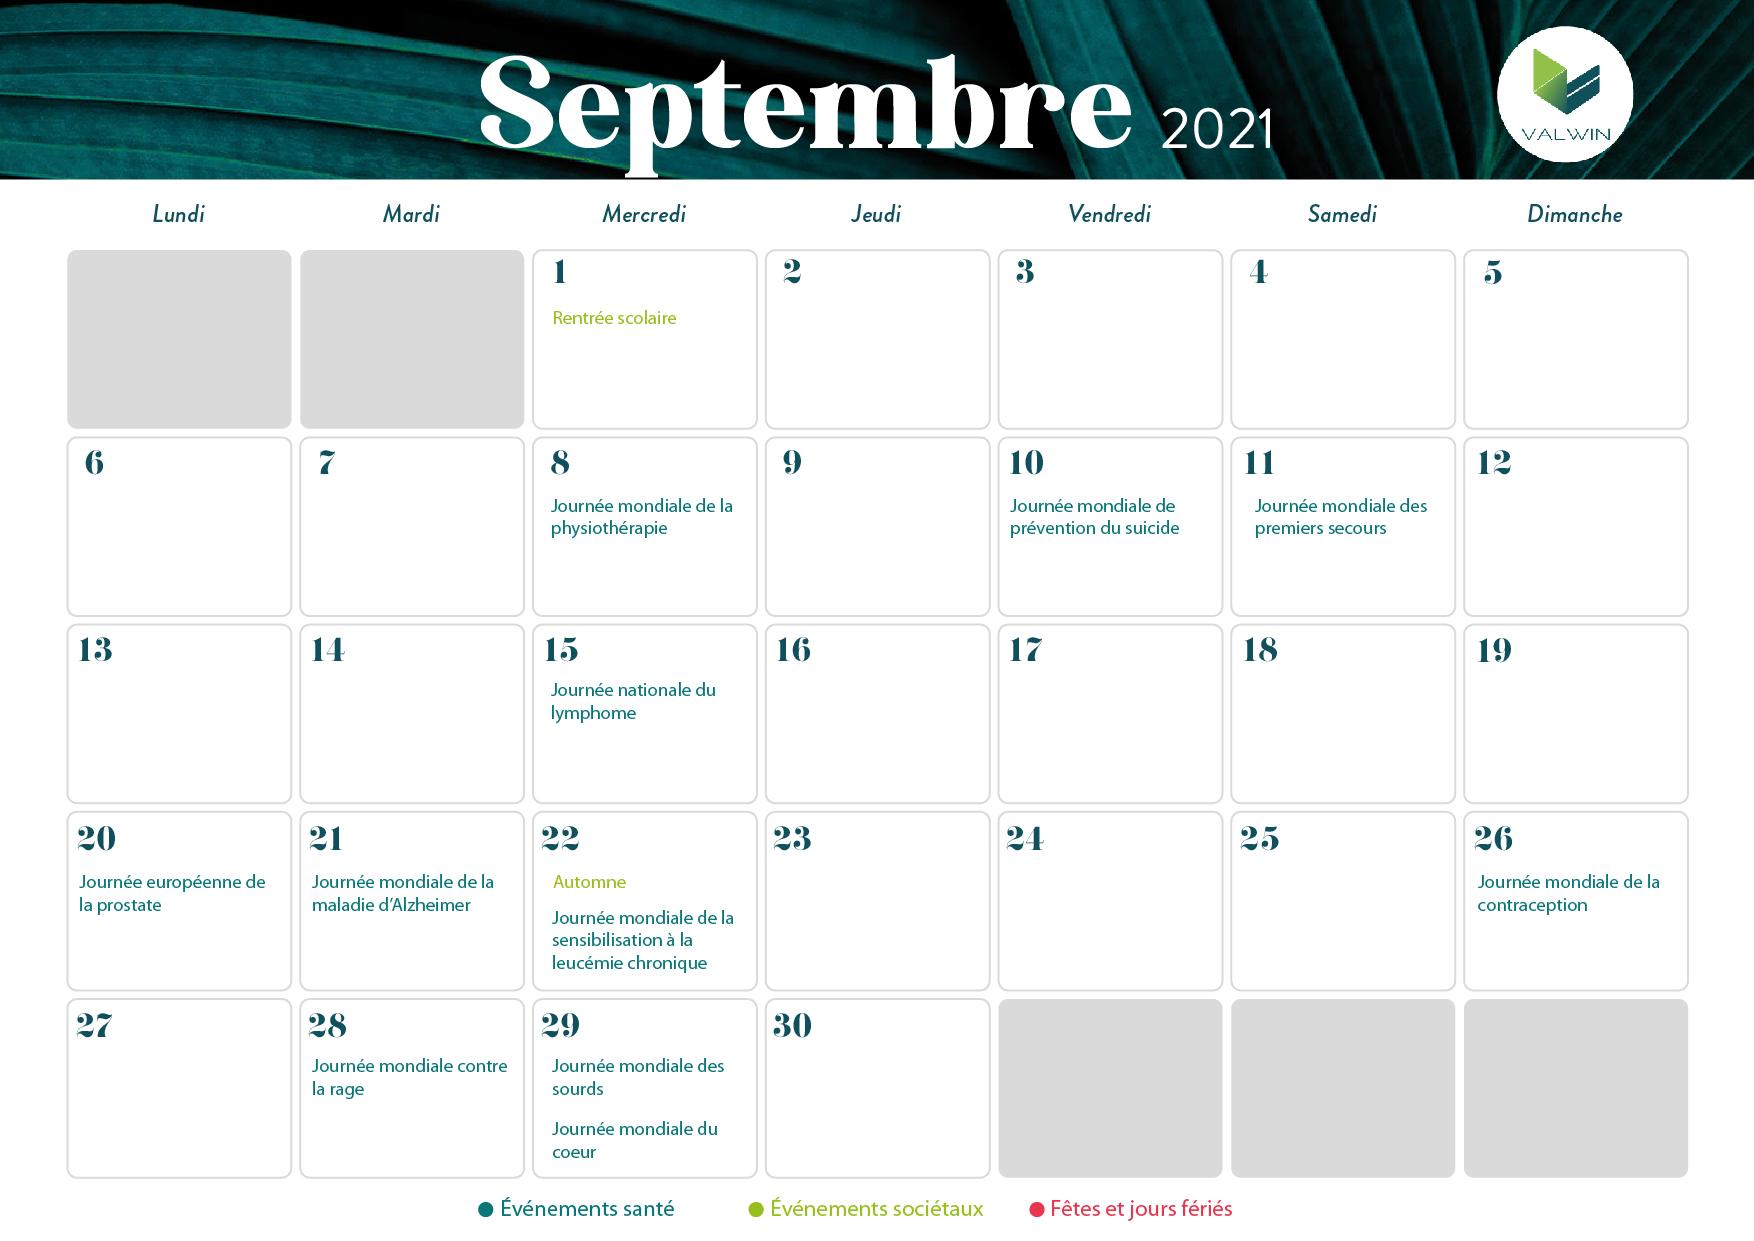 liste-toutes-les-journées-mondiales-de-Santé-septembre-2021.jpg